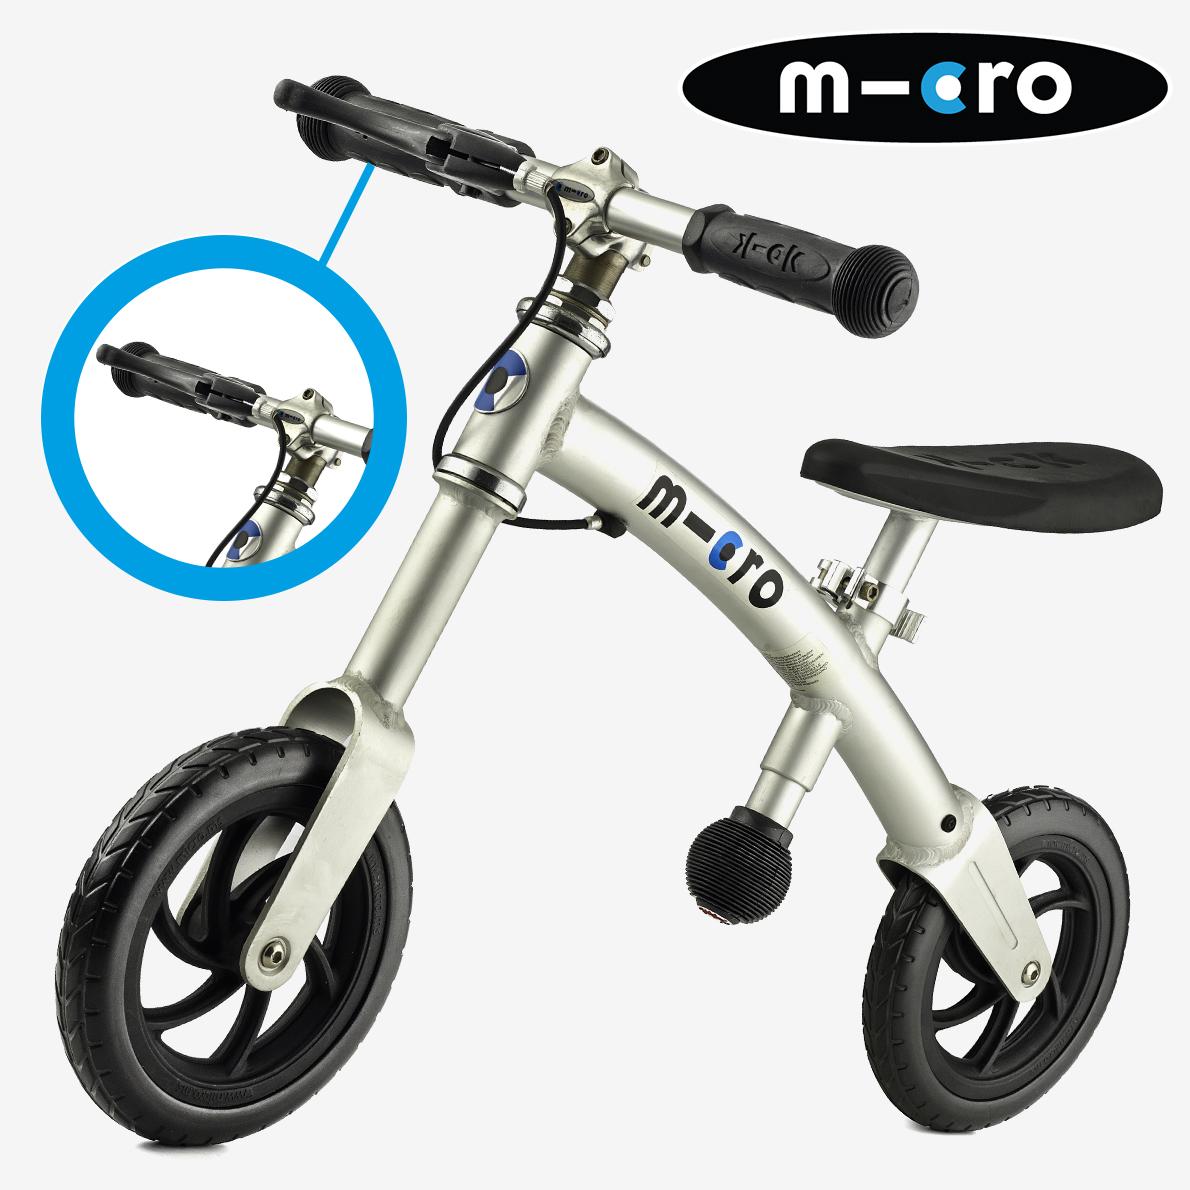 Cabinet Renewal Products: 【楽天市場】【マイクロスクーター・ジャパン】ジーバイク・プラス(G-Bike Plus)【2歳からのバランスバイク